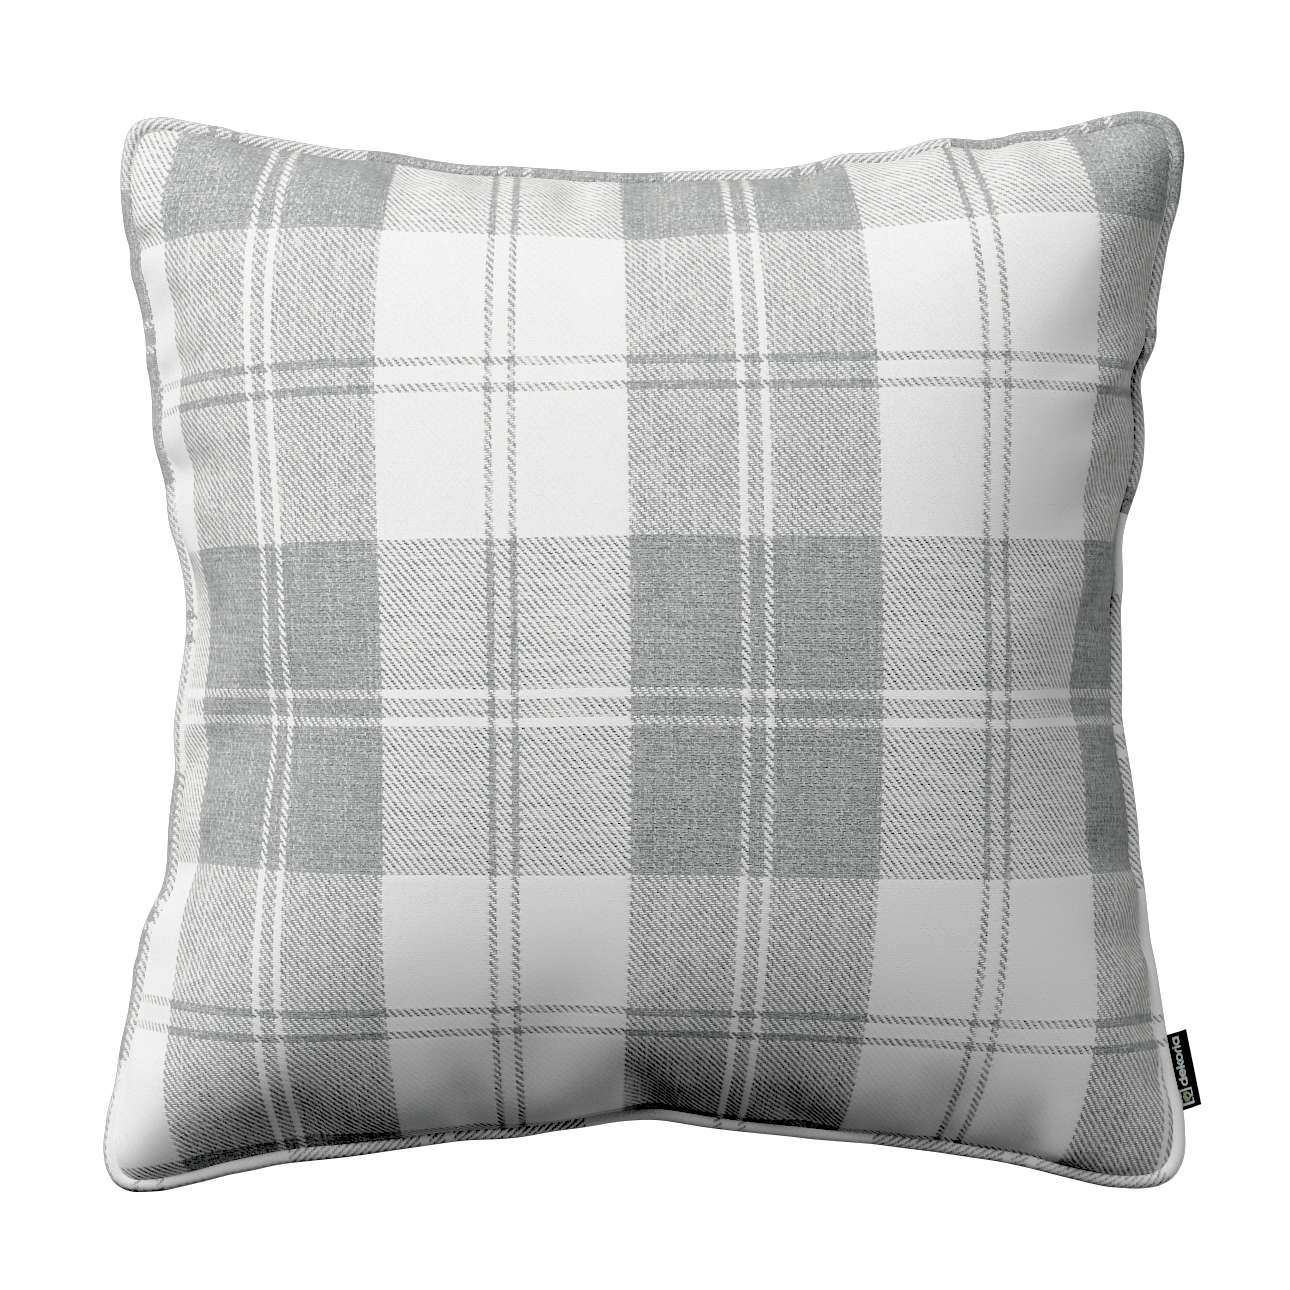 Poszewka Gabi na poduszkę 45 x 45 cm w kolekcji Edinburgh, tkanina: 115-79